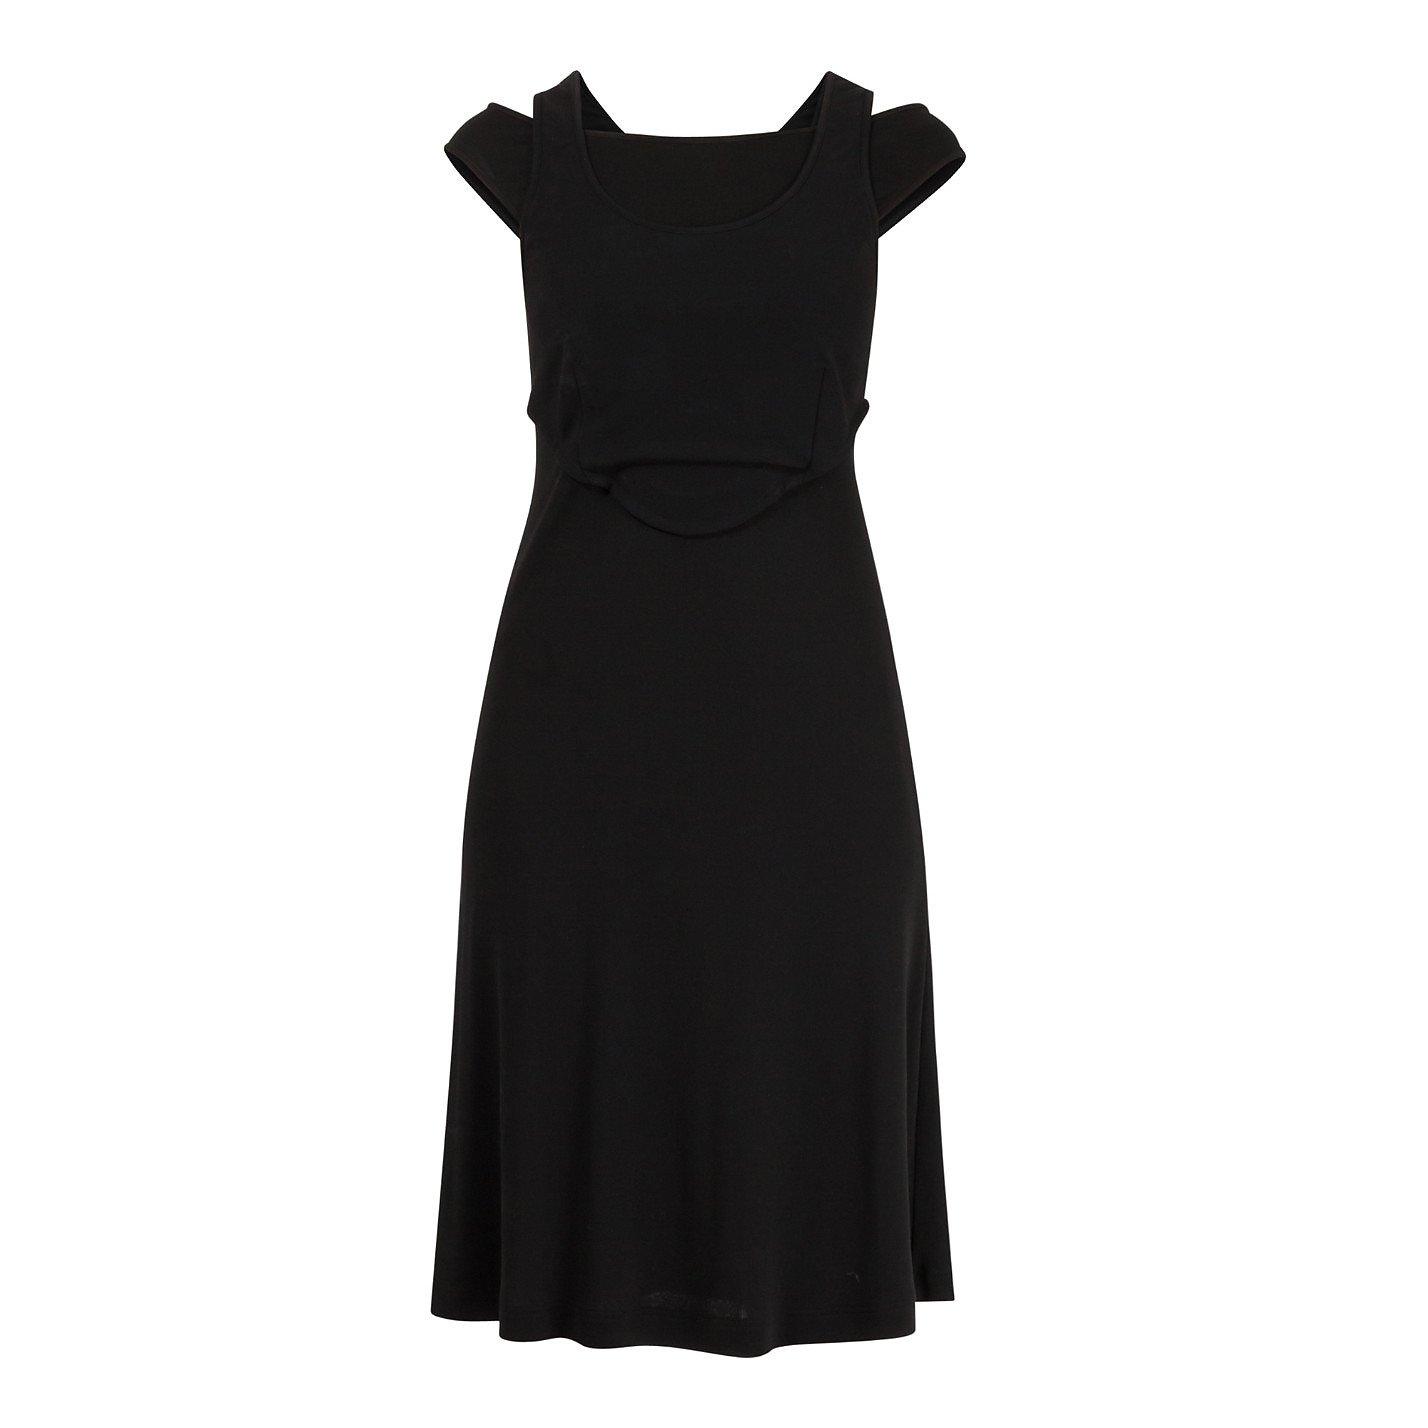 Derek Lam Sleeveless Layer-Effect Dress